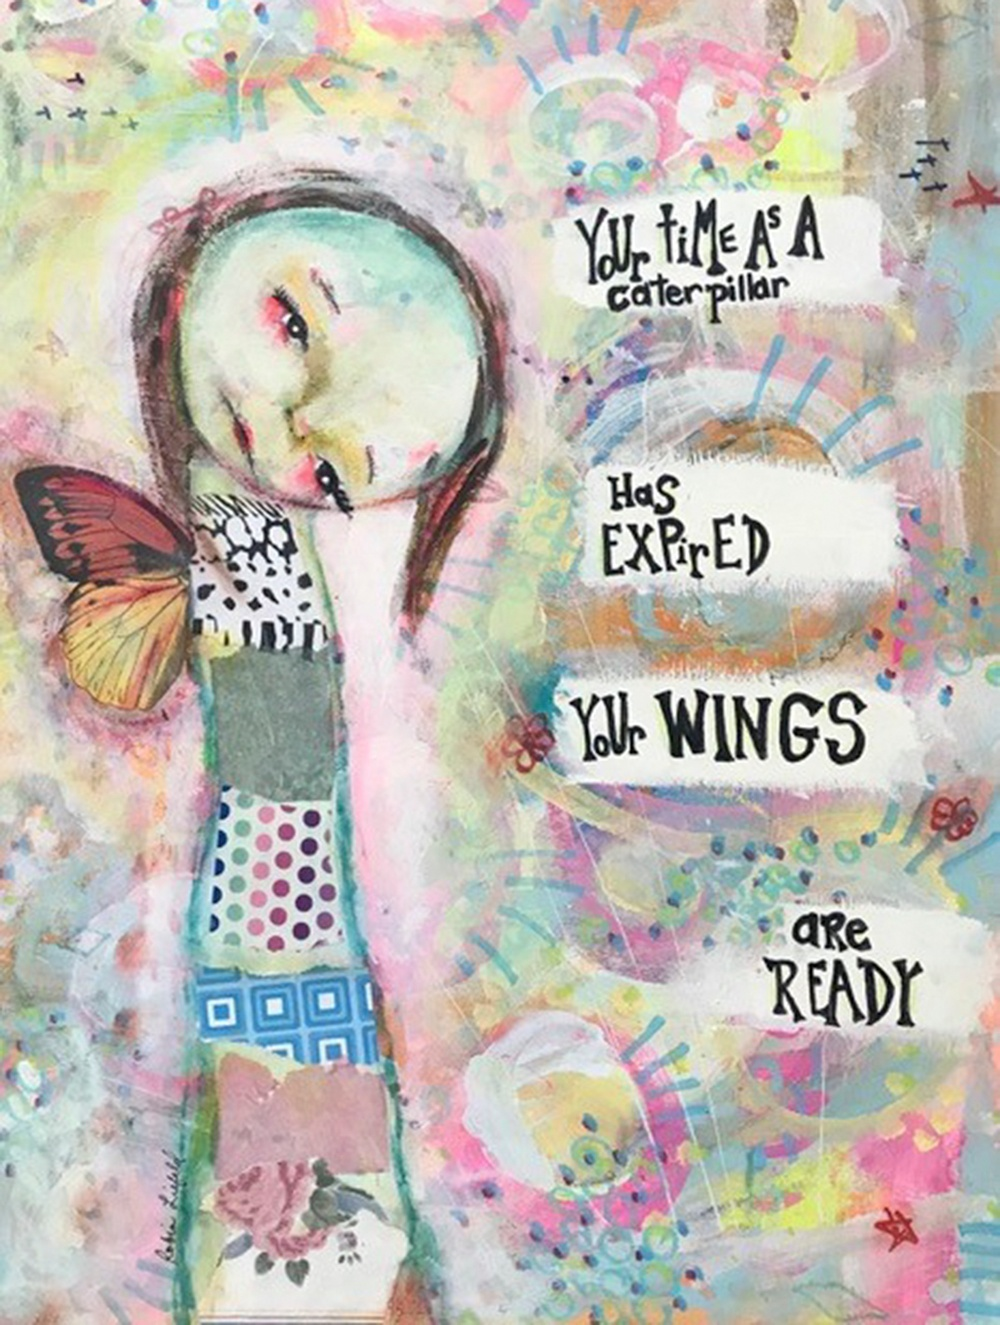 Robin-Liefeld-wings